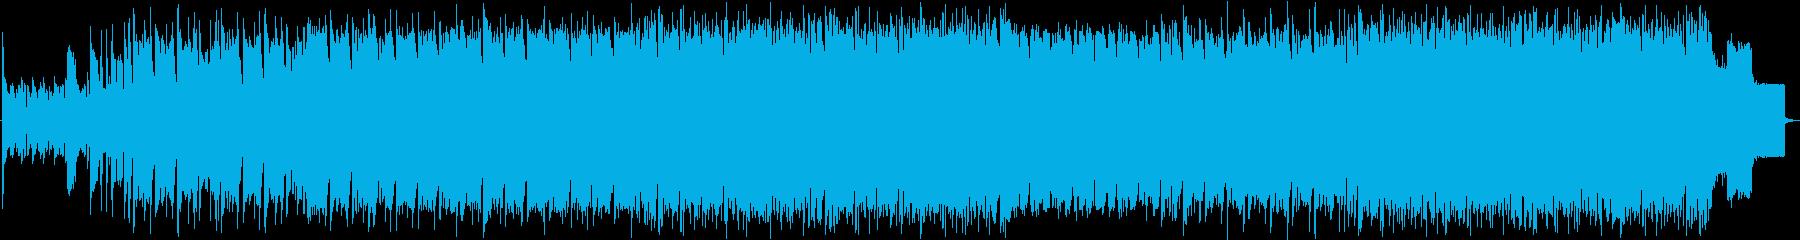 インダストリアルなインスト曲です。の再生済みの波形